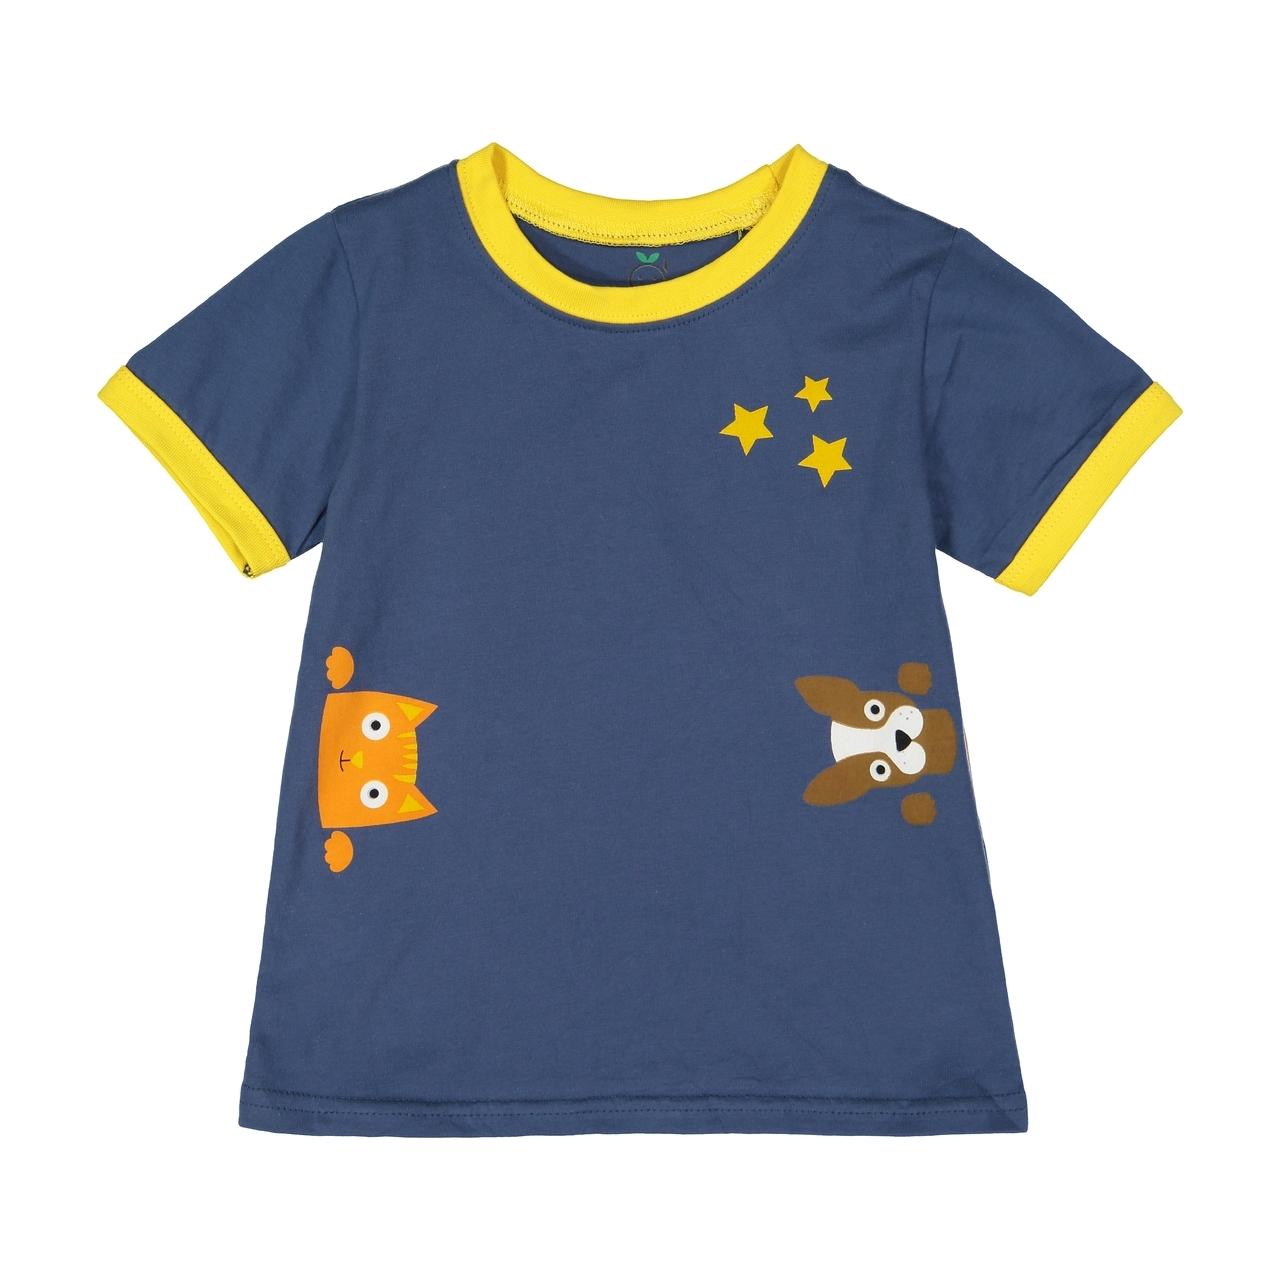 Planet Doodle Shirt